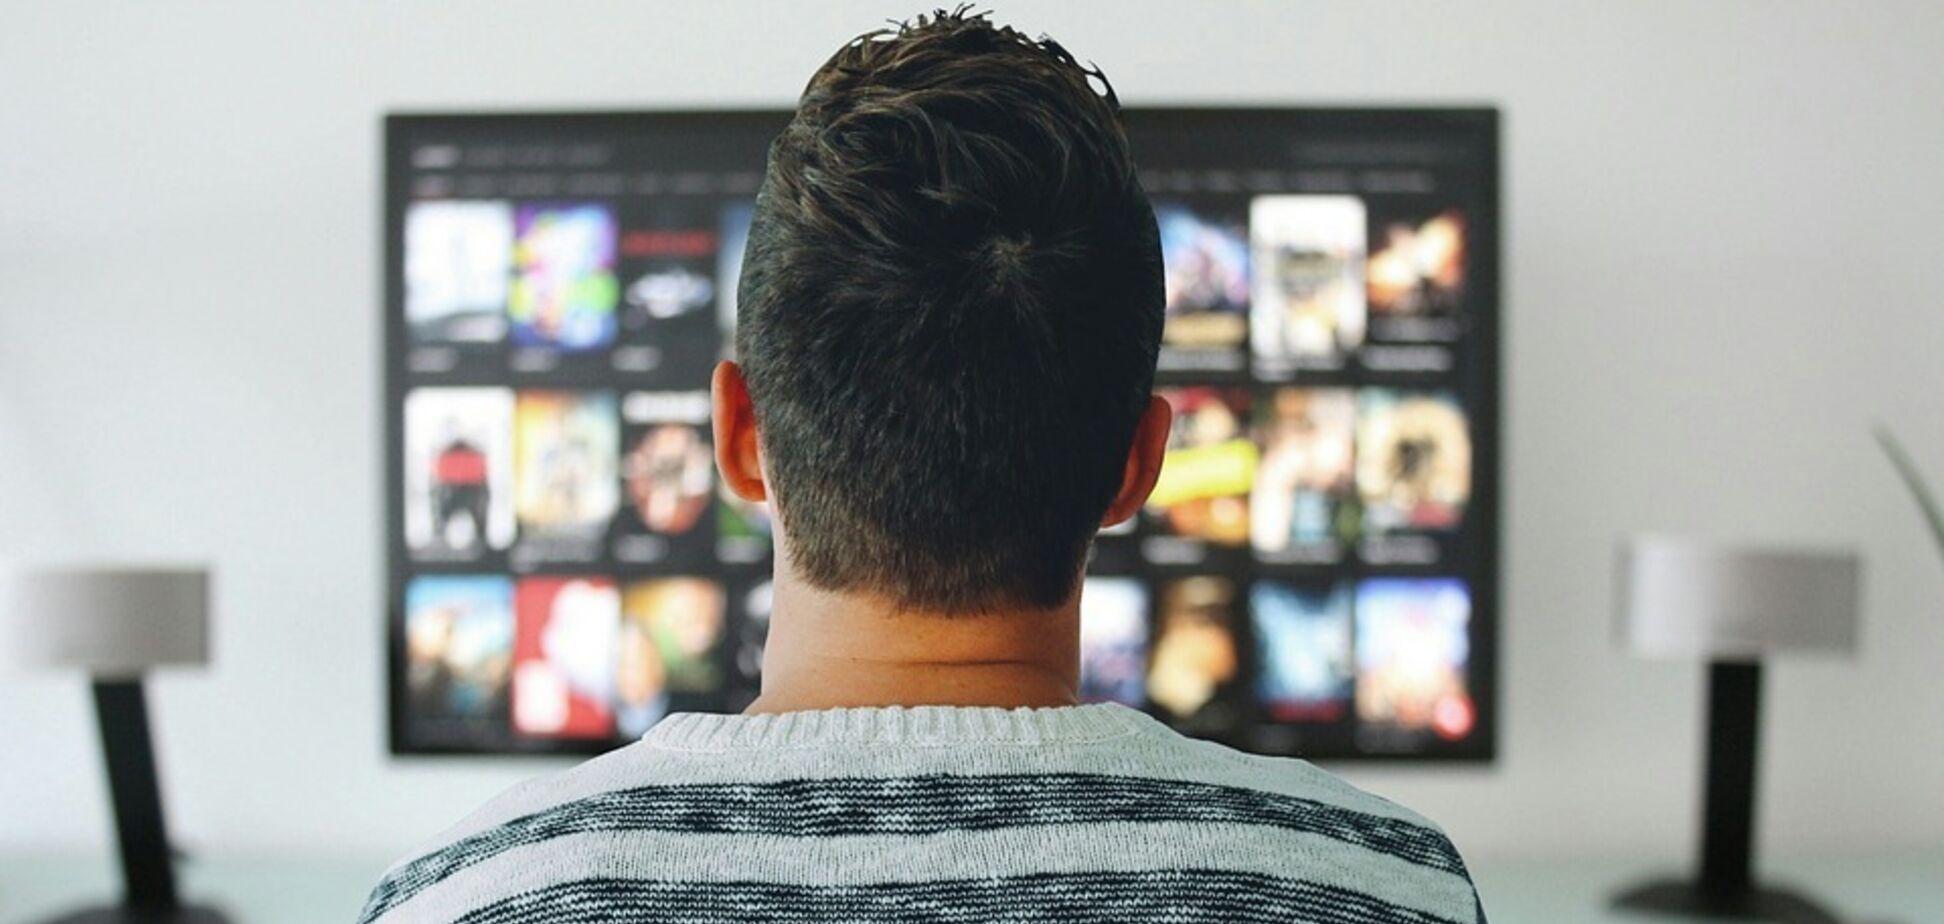 Setanta Sports: як і де дивитися онлайн в Україні новий спортивний телеканал